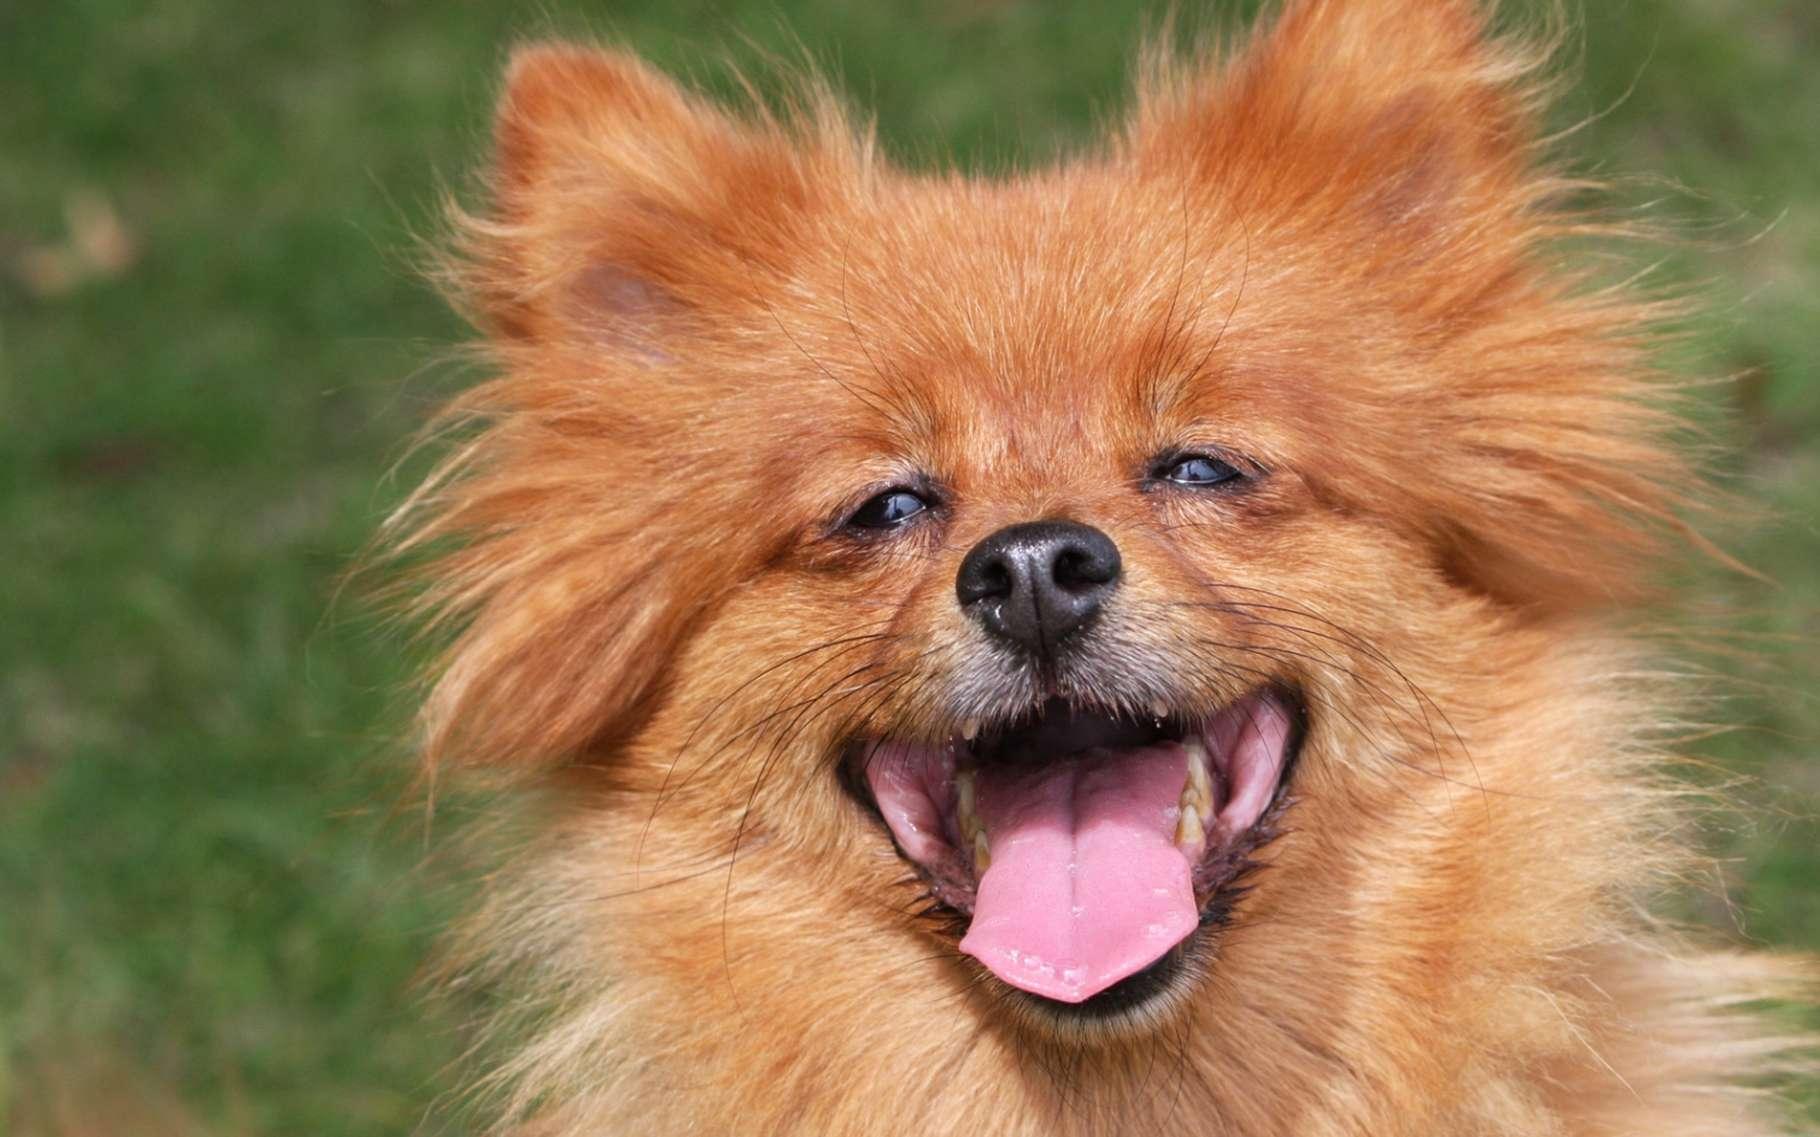 Une partie des spécialistes pensent que tous les mammifères pourraient être dotés du sens de l'humour. Les chiens riraient dans certaines occasions. © Karen Arnold, domaine public